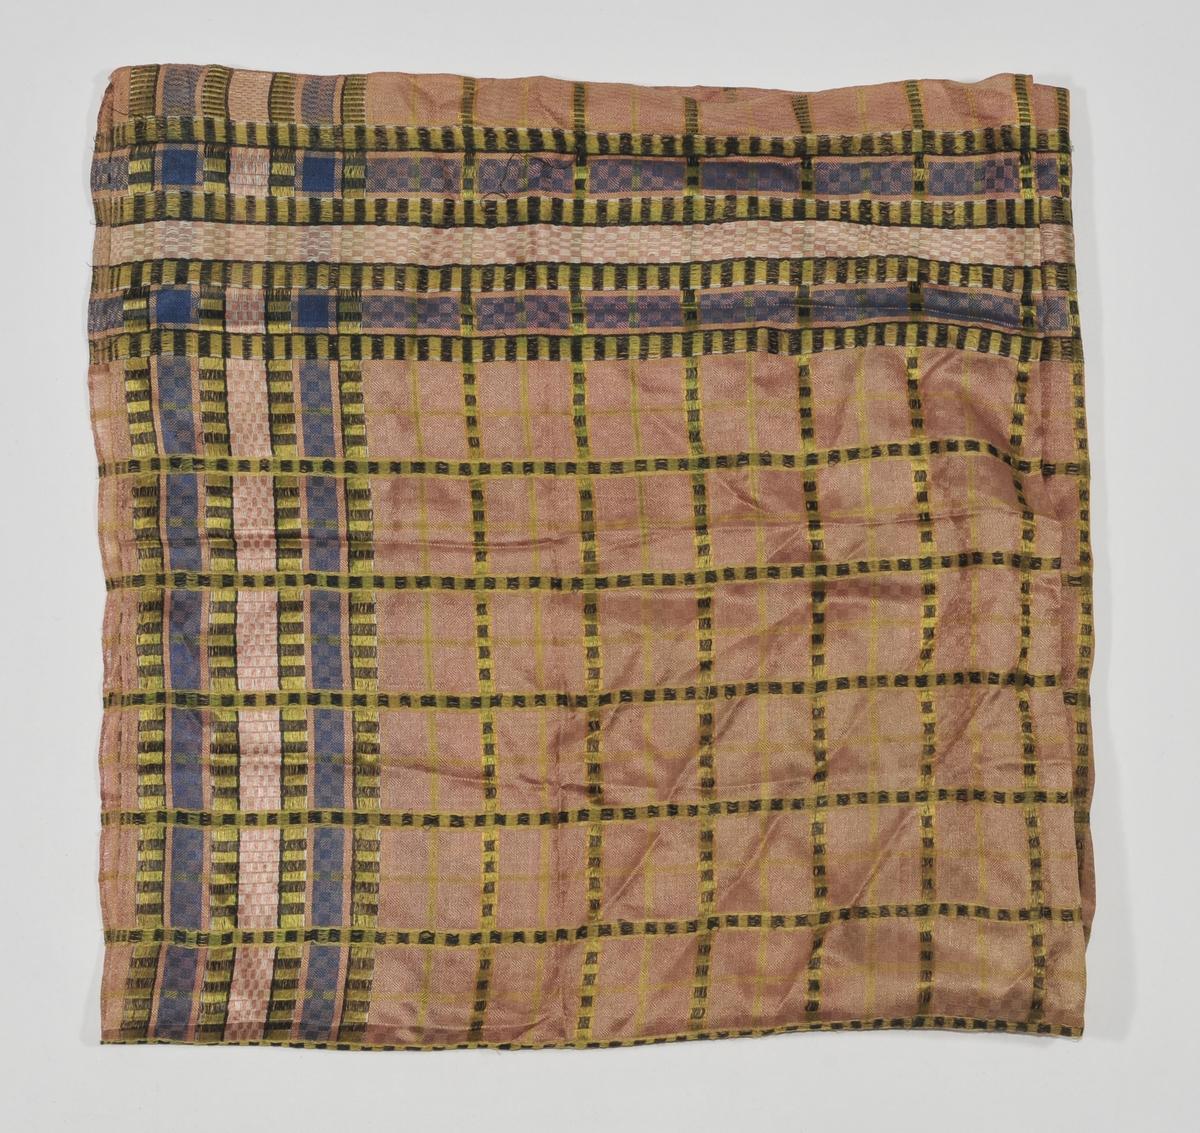 Silketørkle vevd i ruter i lys rosa, lilla, grønt og brunt. Smal falda på to sider, jarekant i dei to andre. Kjerringtann bord rundt.